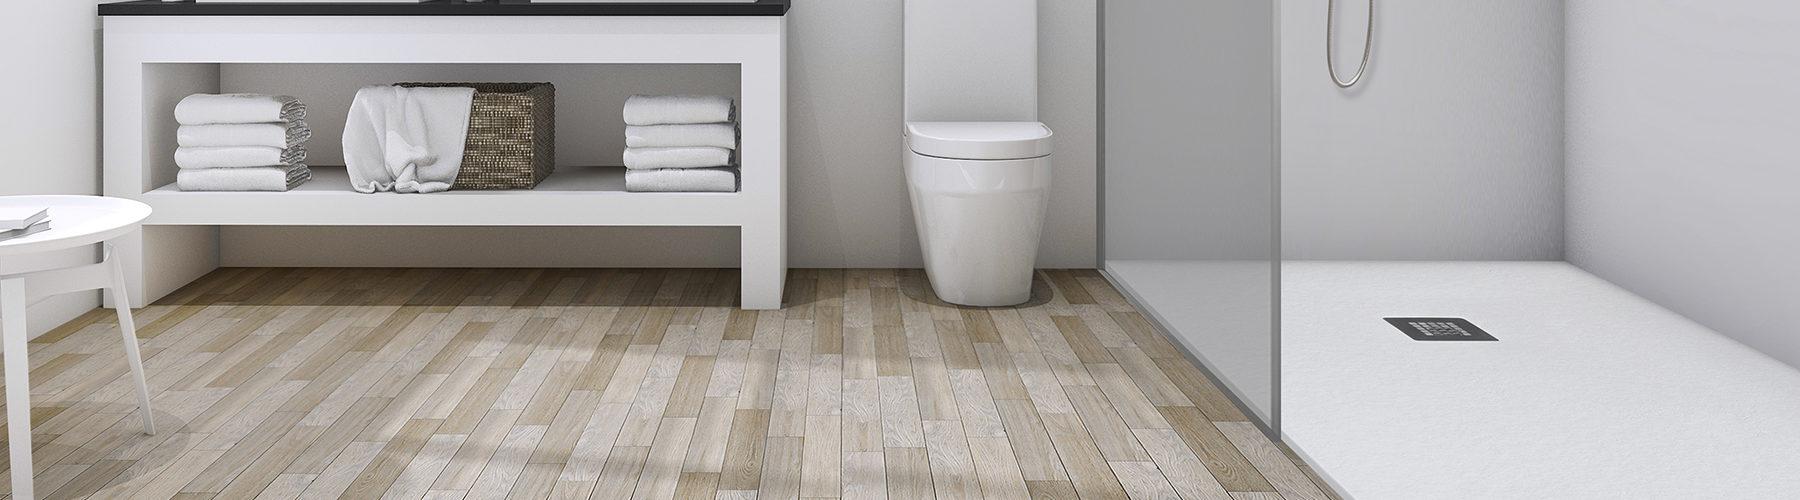 Resin Shower Trays